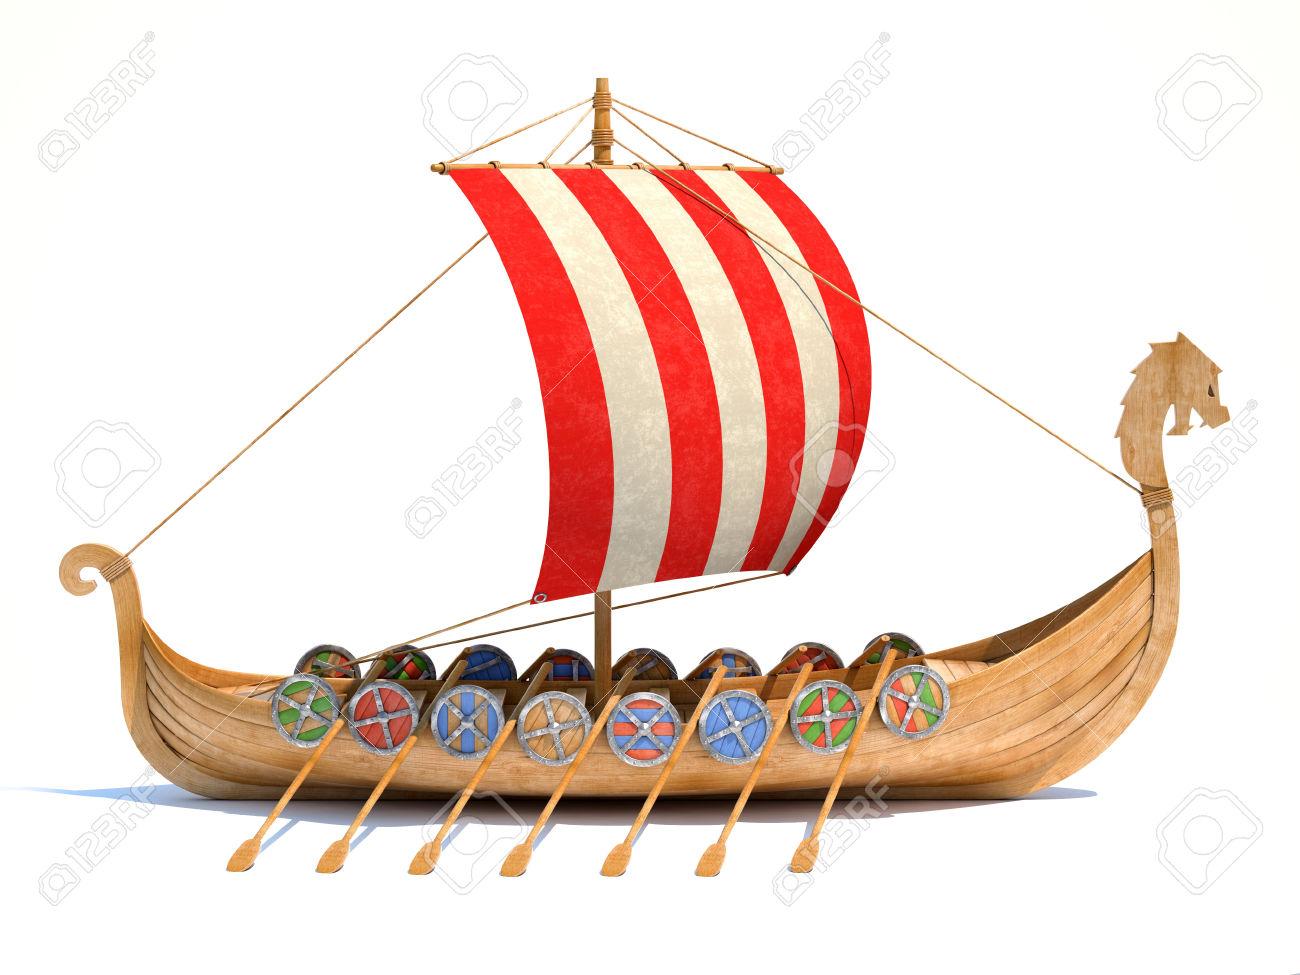 Ship design inspiration.